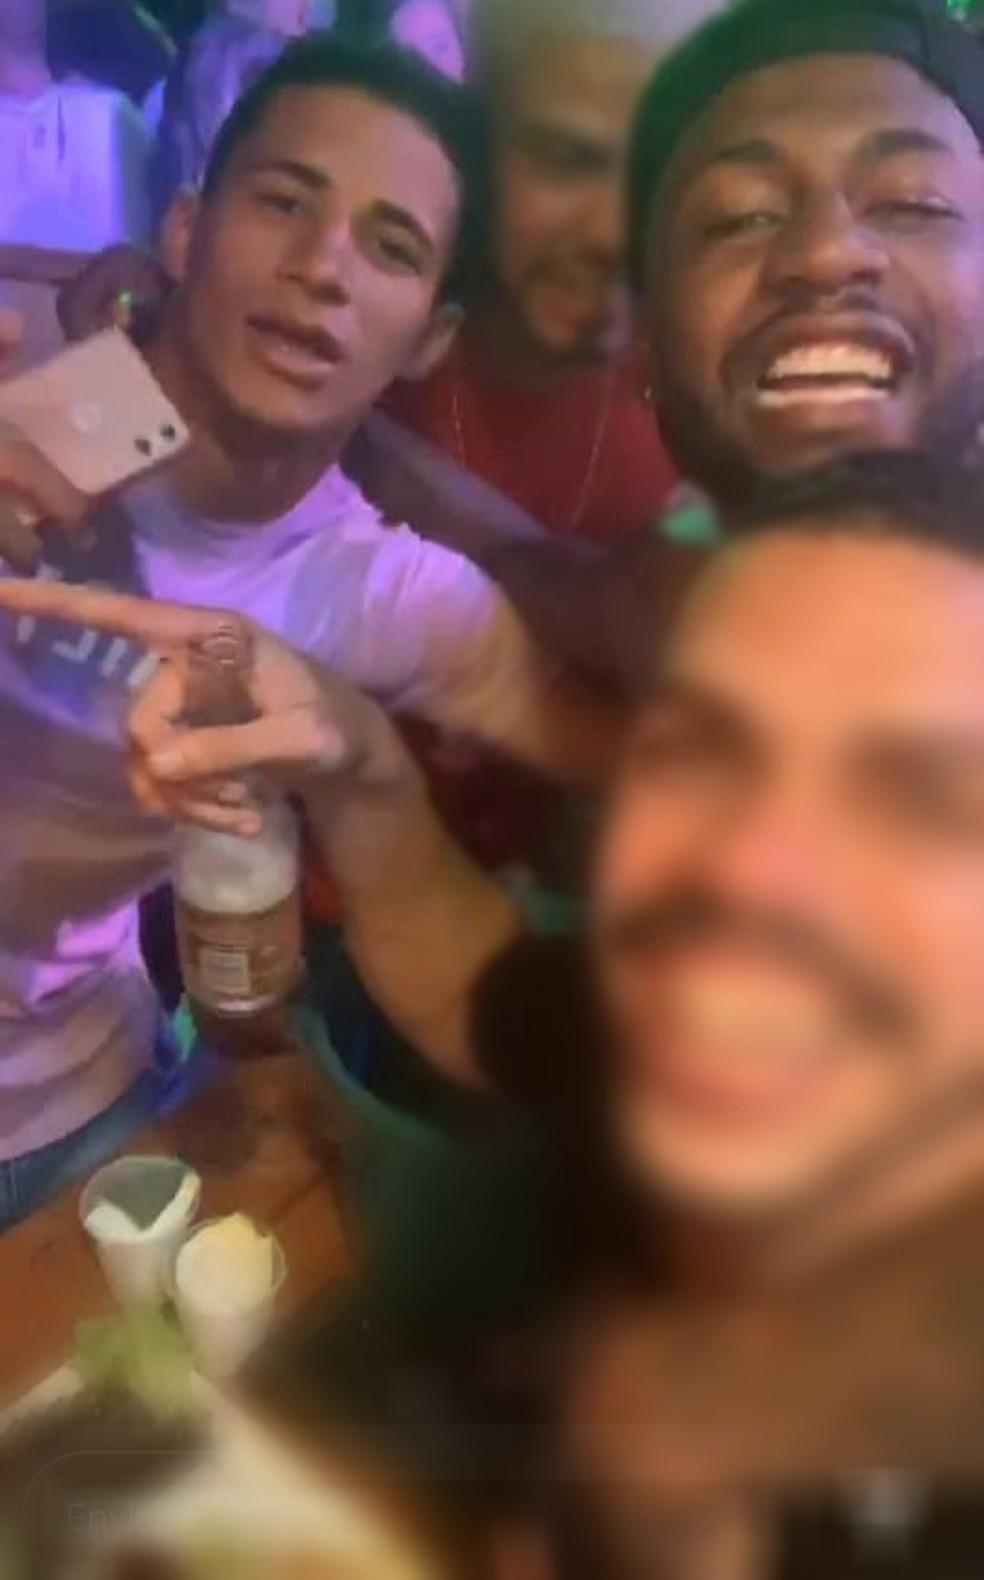 Jogadores flagrados em festas e são afastados de clube - Imagem 1